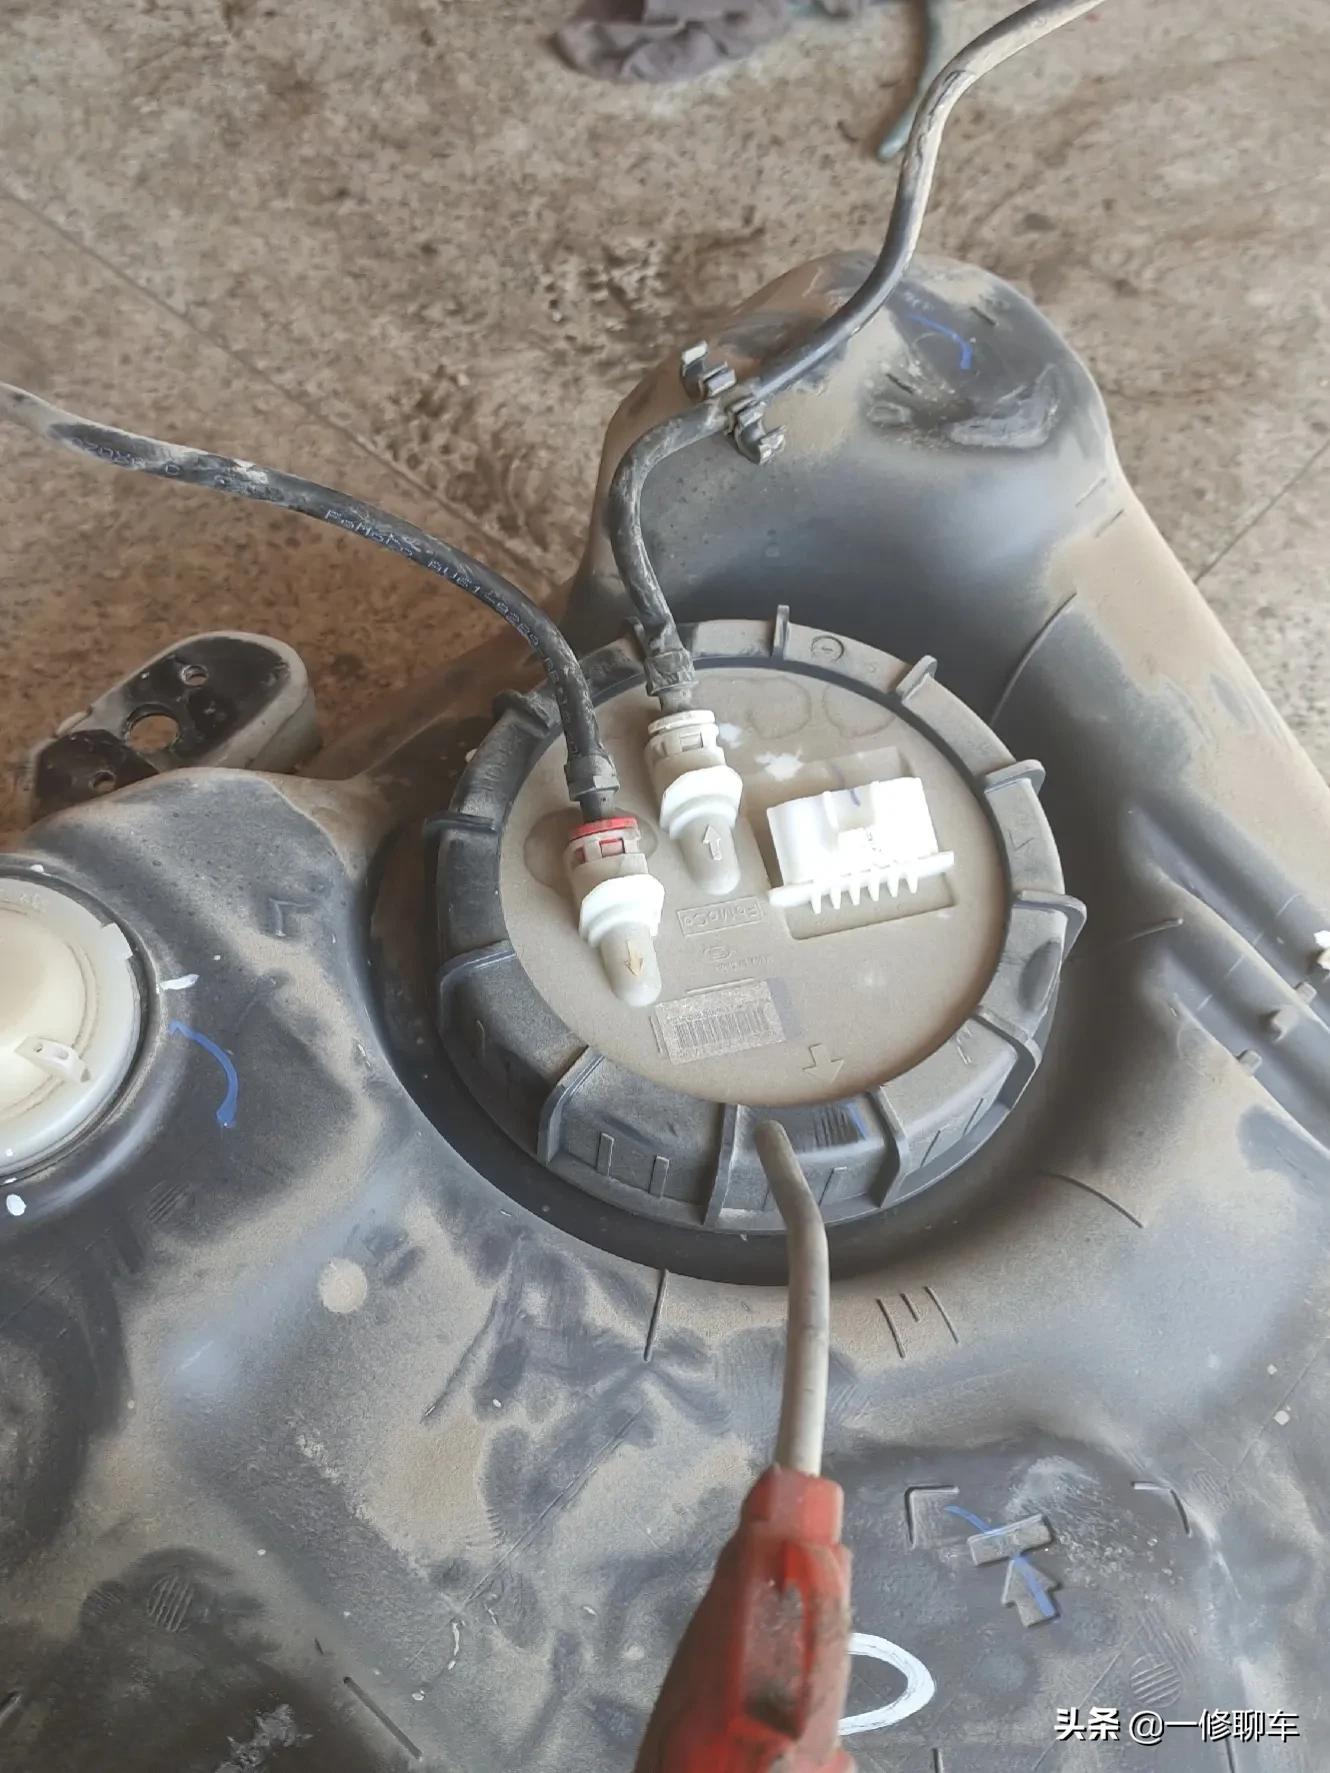 汽油滤芯需要定期更换吗?费用要多少?修车师傅来告诉你